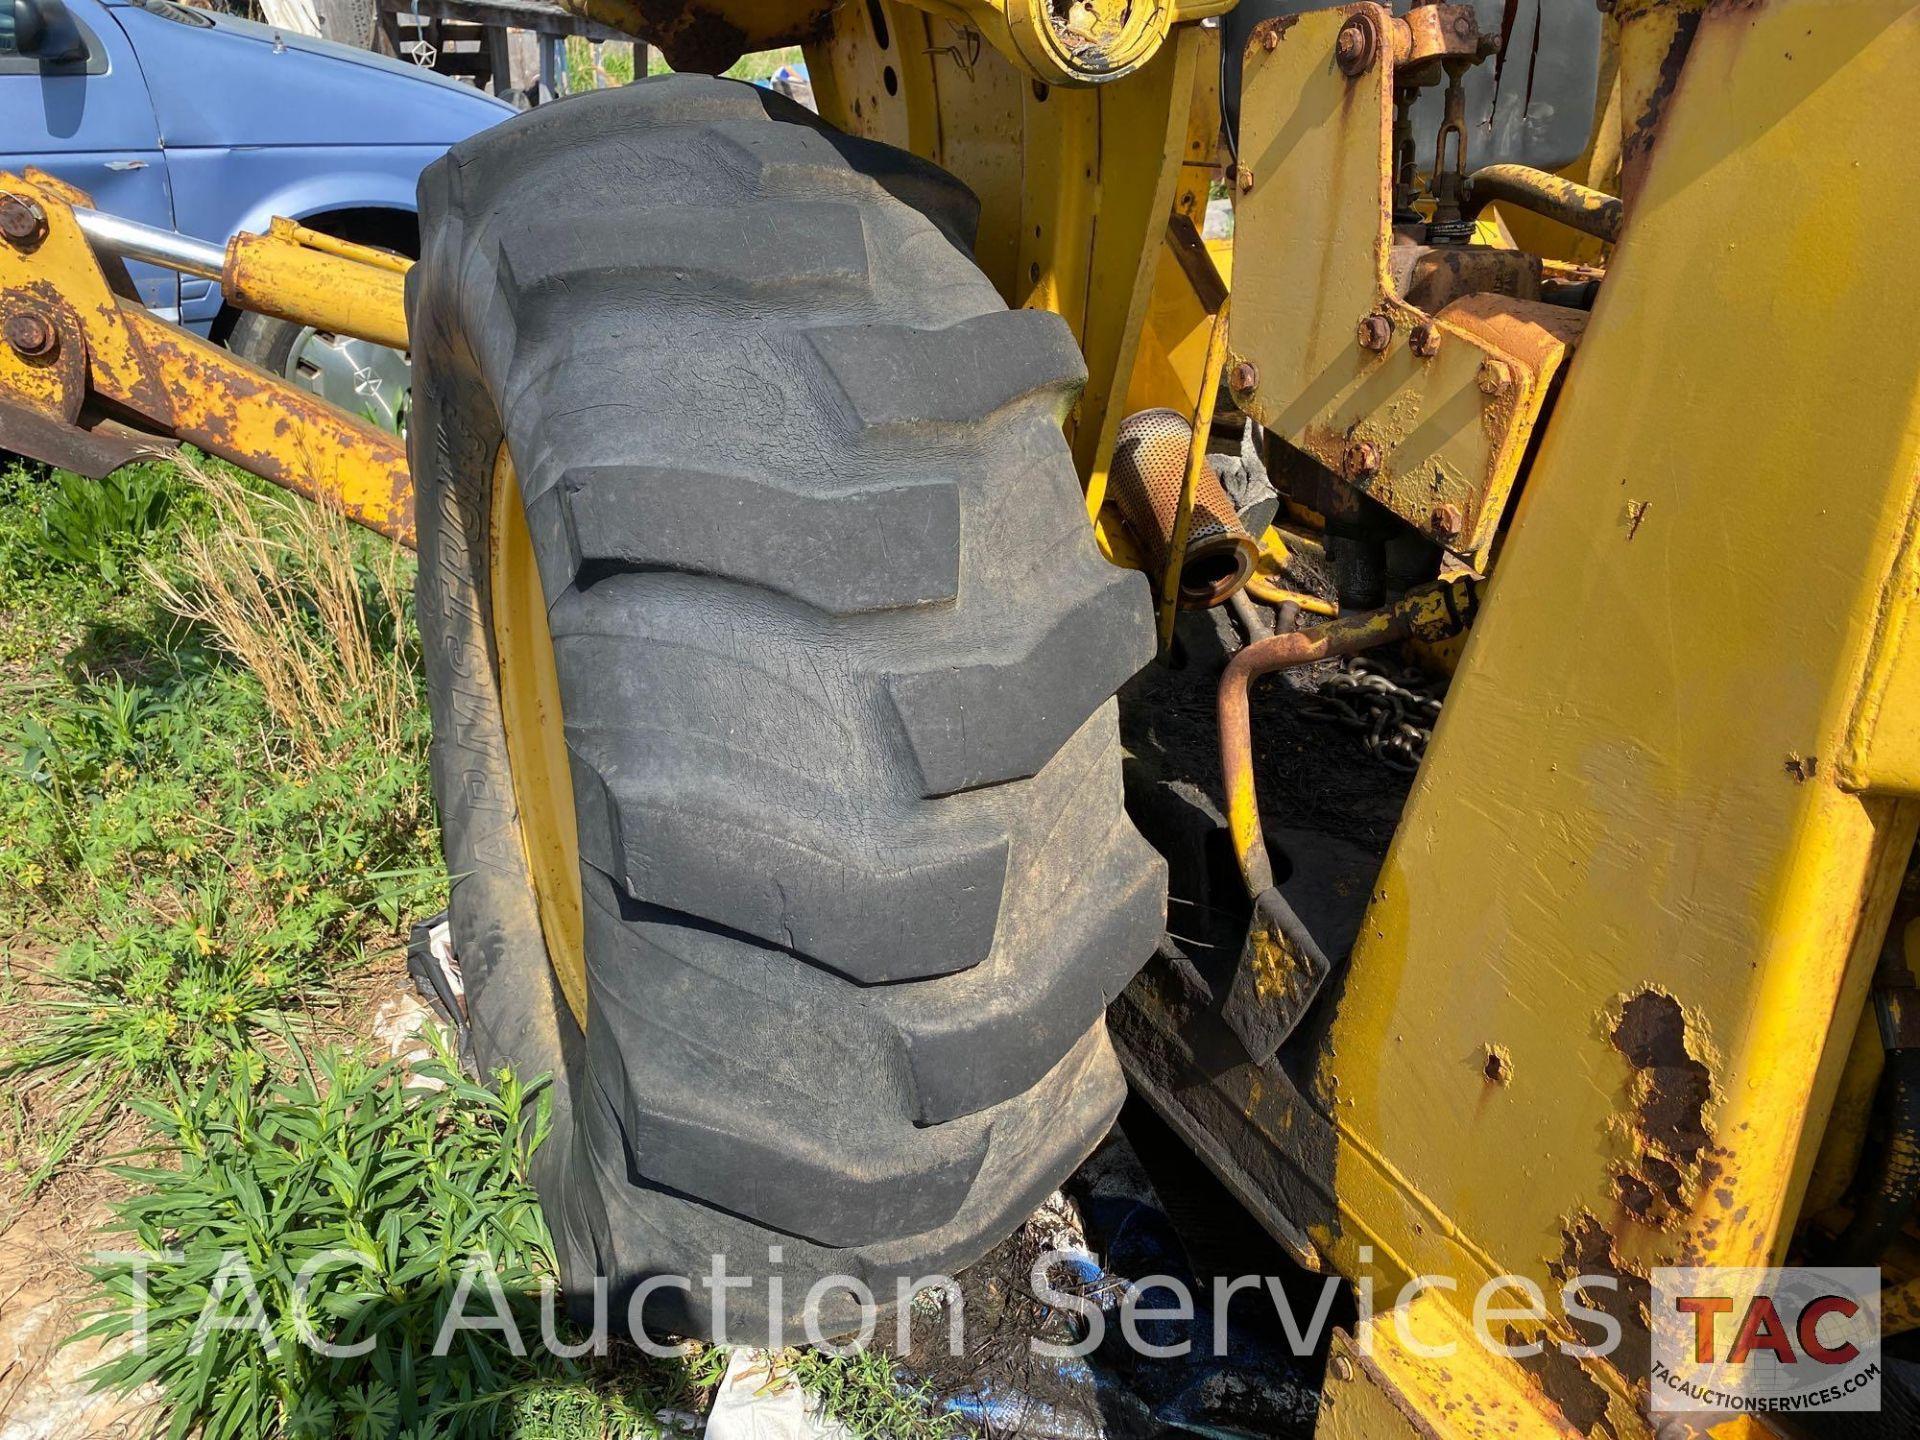 Massey Ferguson 50C Loader Backhoe - Image 41 of 45